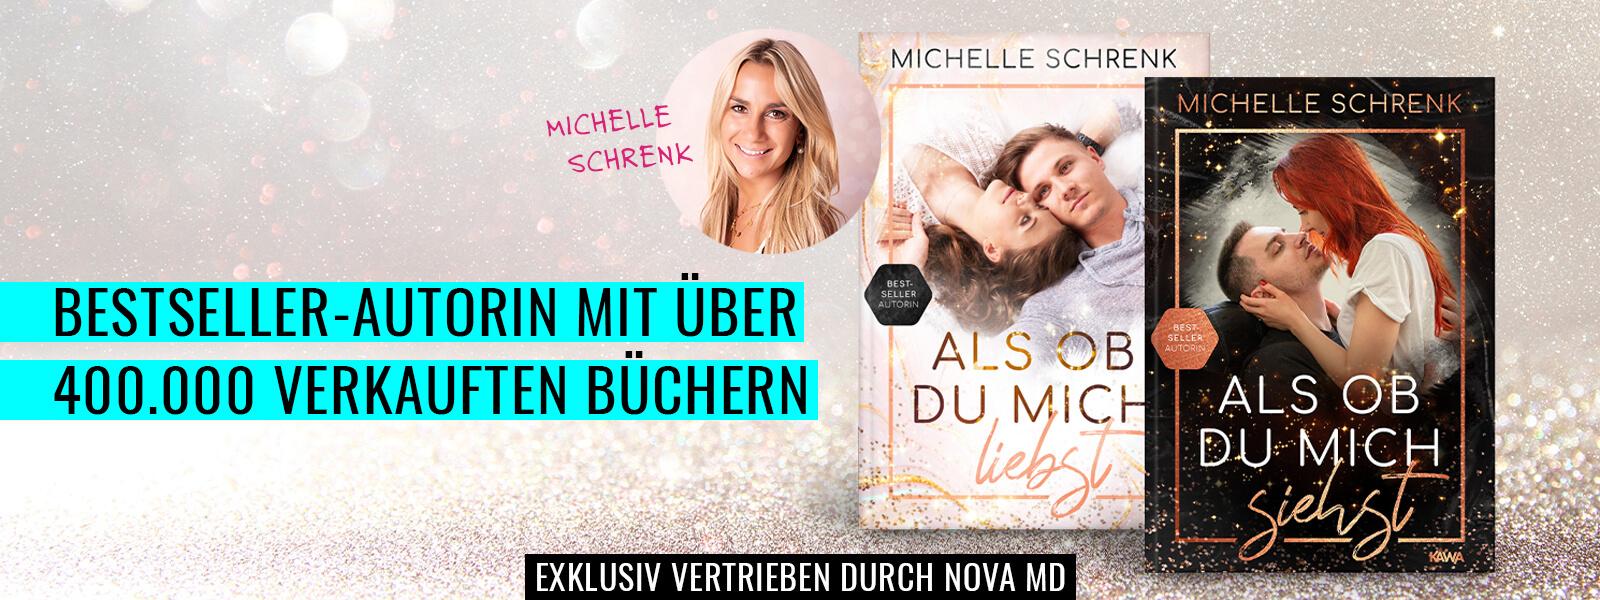 Bestseller-Autorin Michelle Schrenk